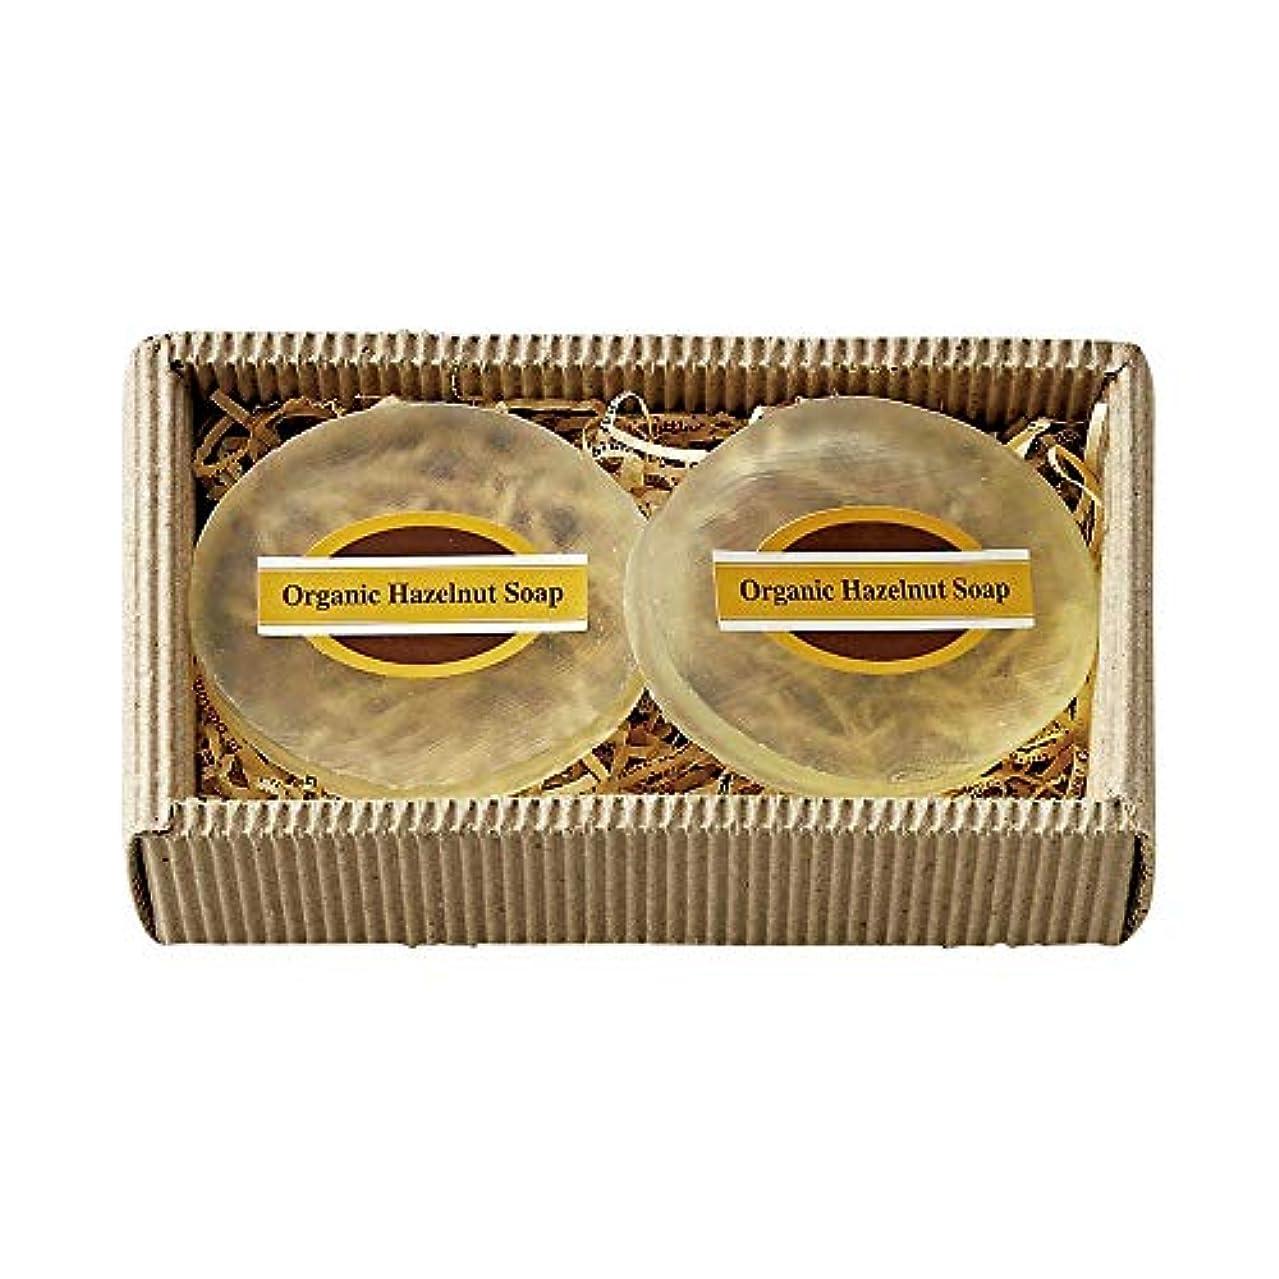 シャンパン適度に移行オーガニックヘーゼルナッツソープ オーガニックヘーゼルナッツ ソープ MOSK040